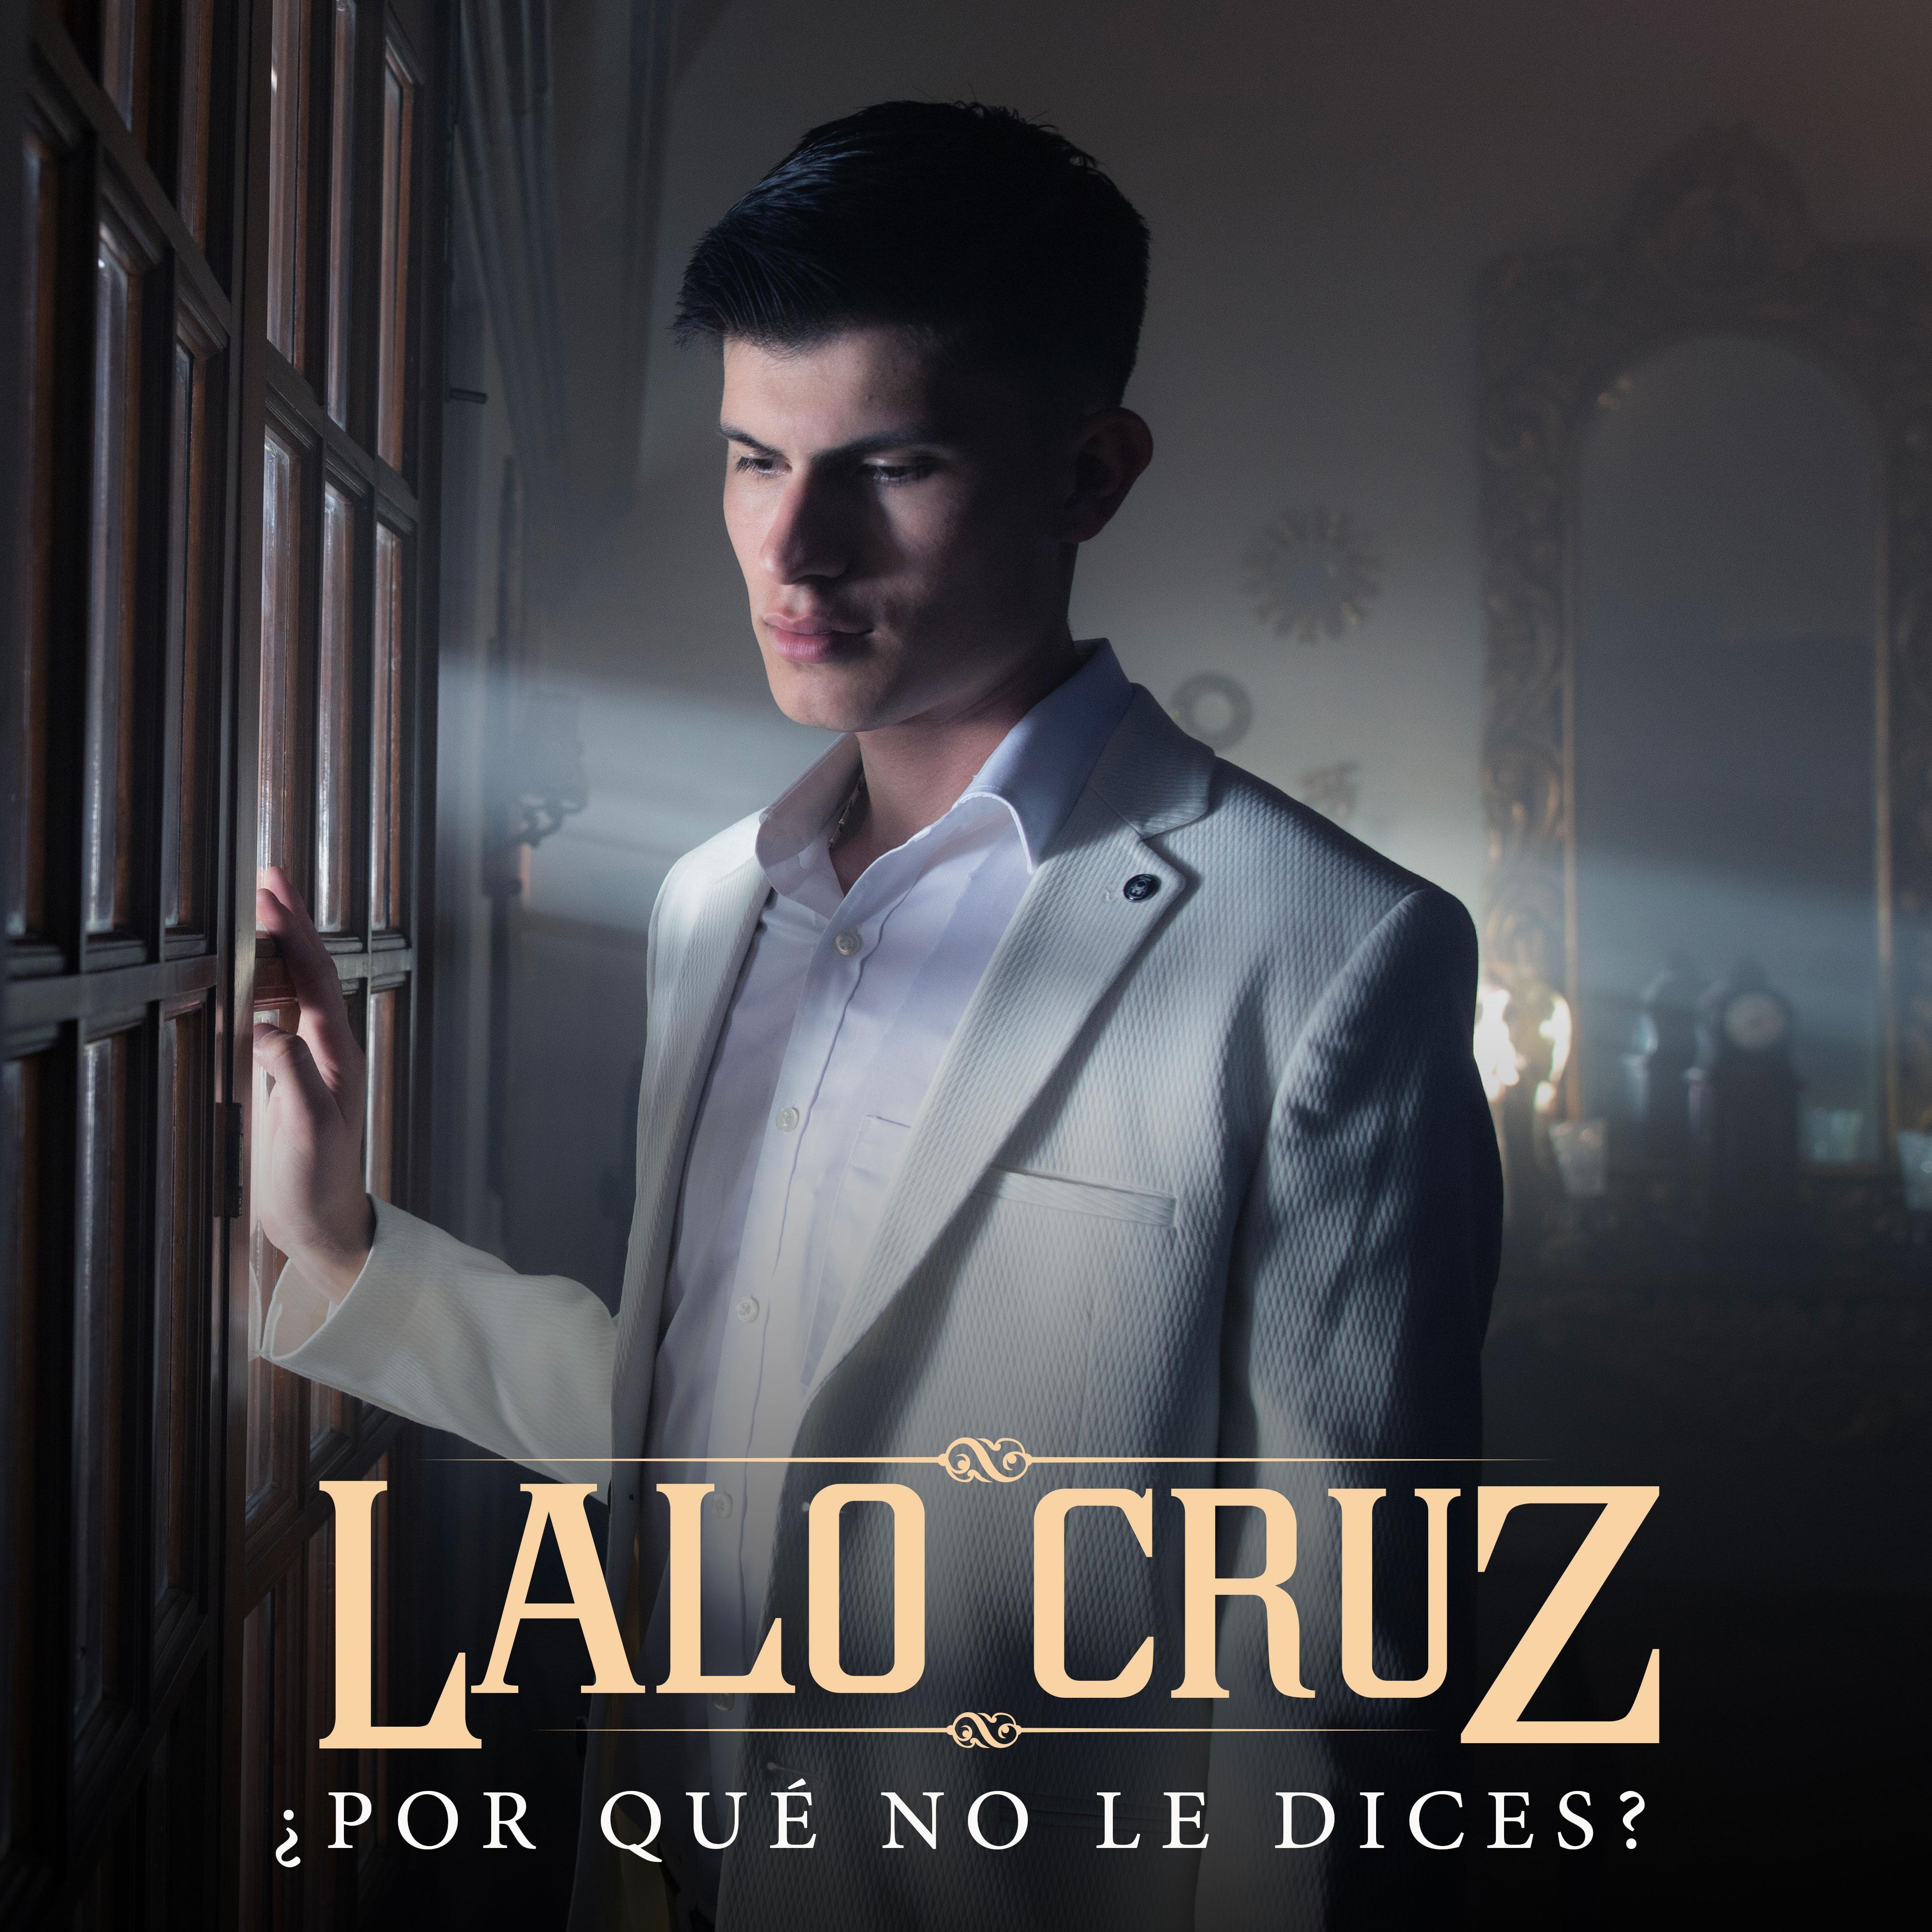 LaloCruz_PorqueNoLeDices